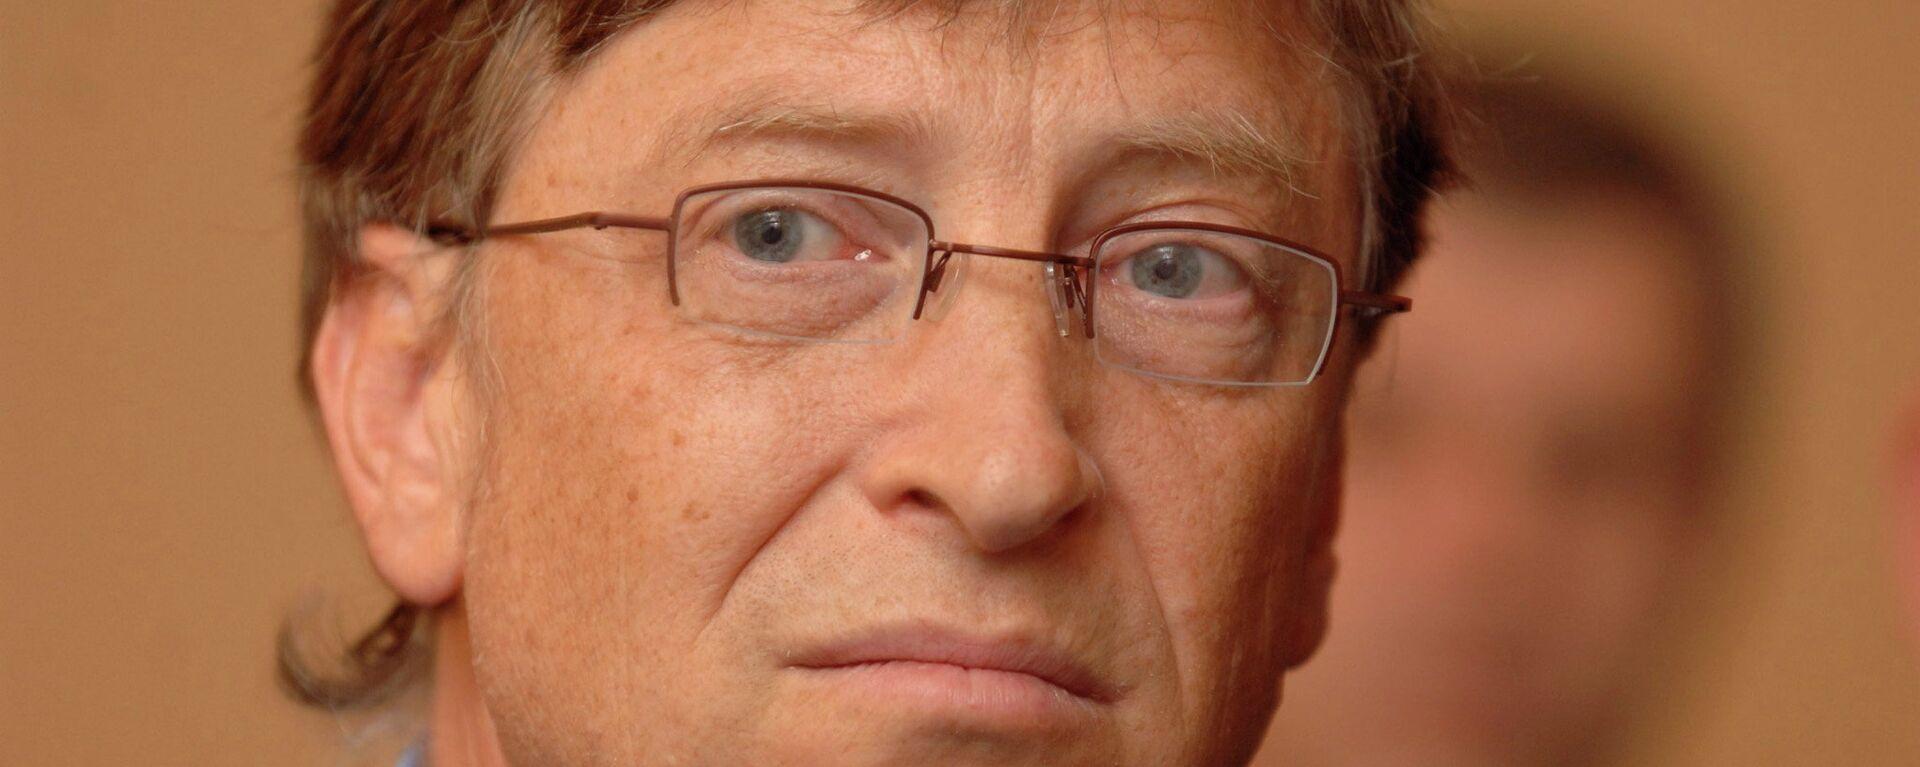 Билл Гейтс - Sputnik Таджикистан, 1920, 05.05.2021